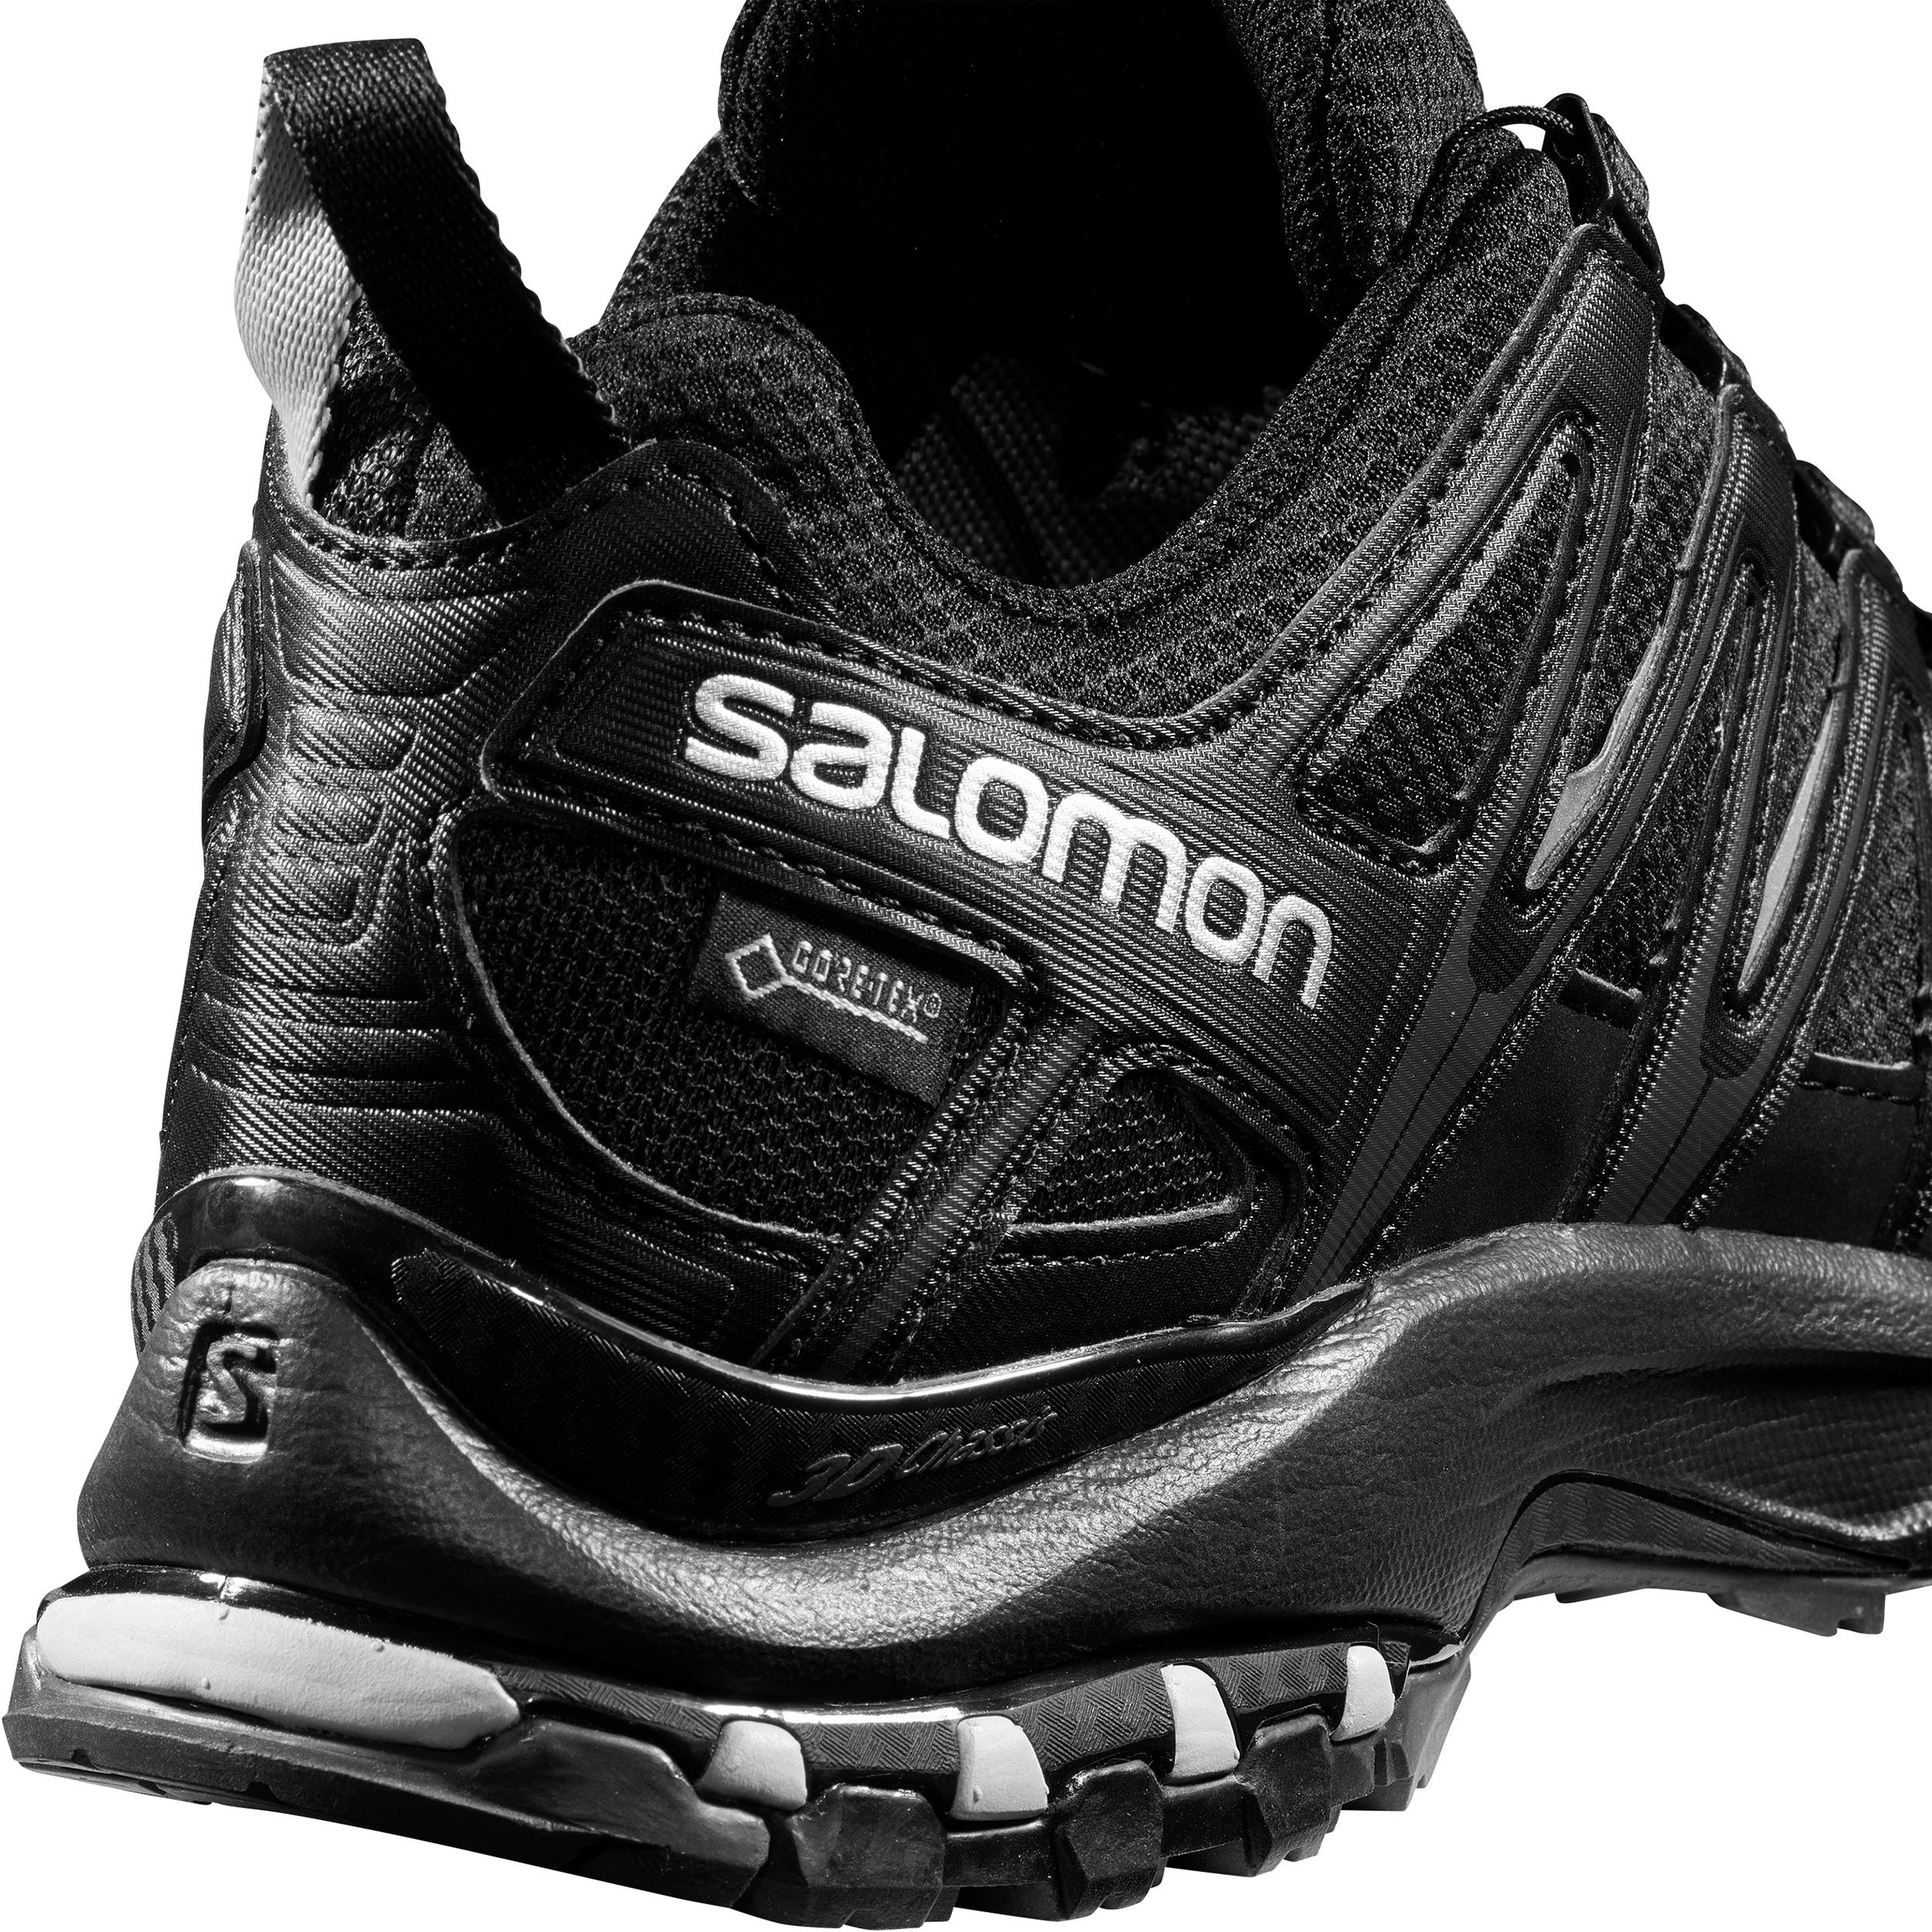 e2484420c68b8b De Course 3d Xa Pro Chaussures Sentier FemmesMec Salomon Gtx Sur 9IebWYHED2